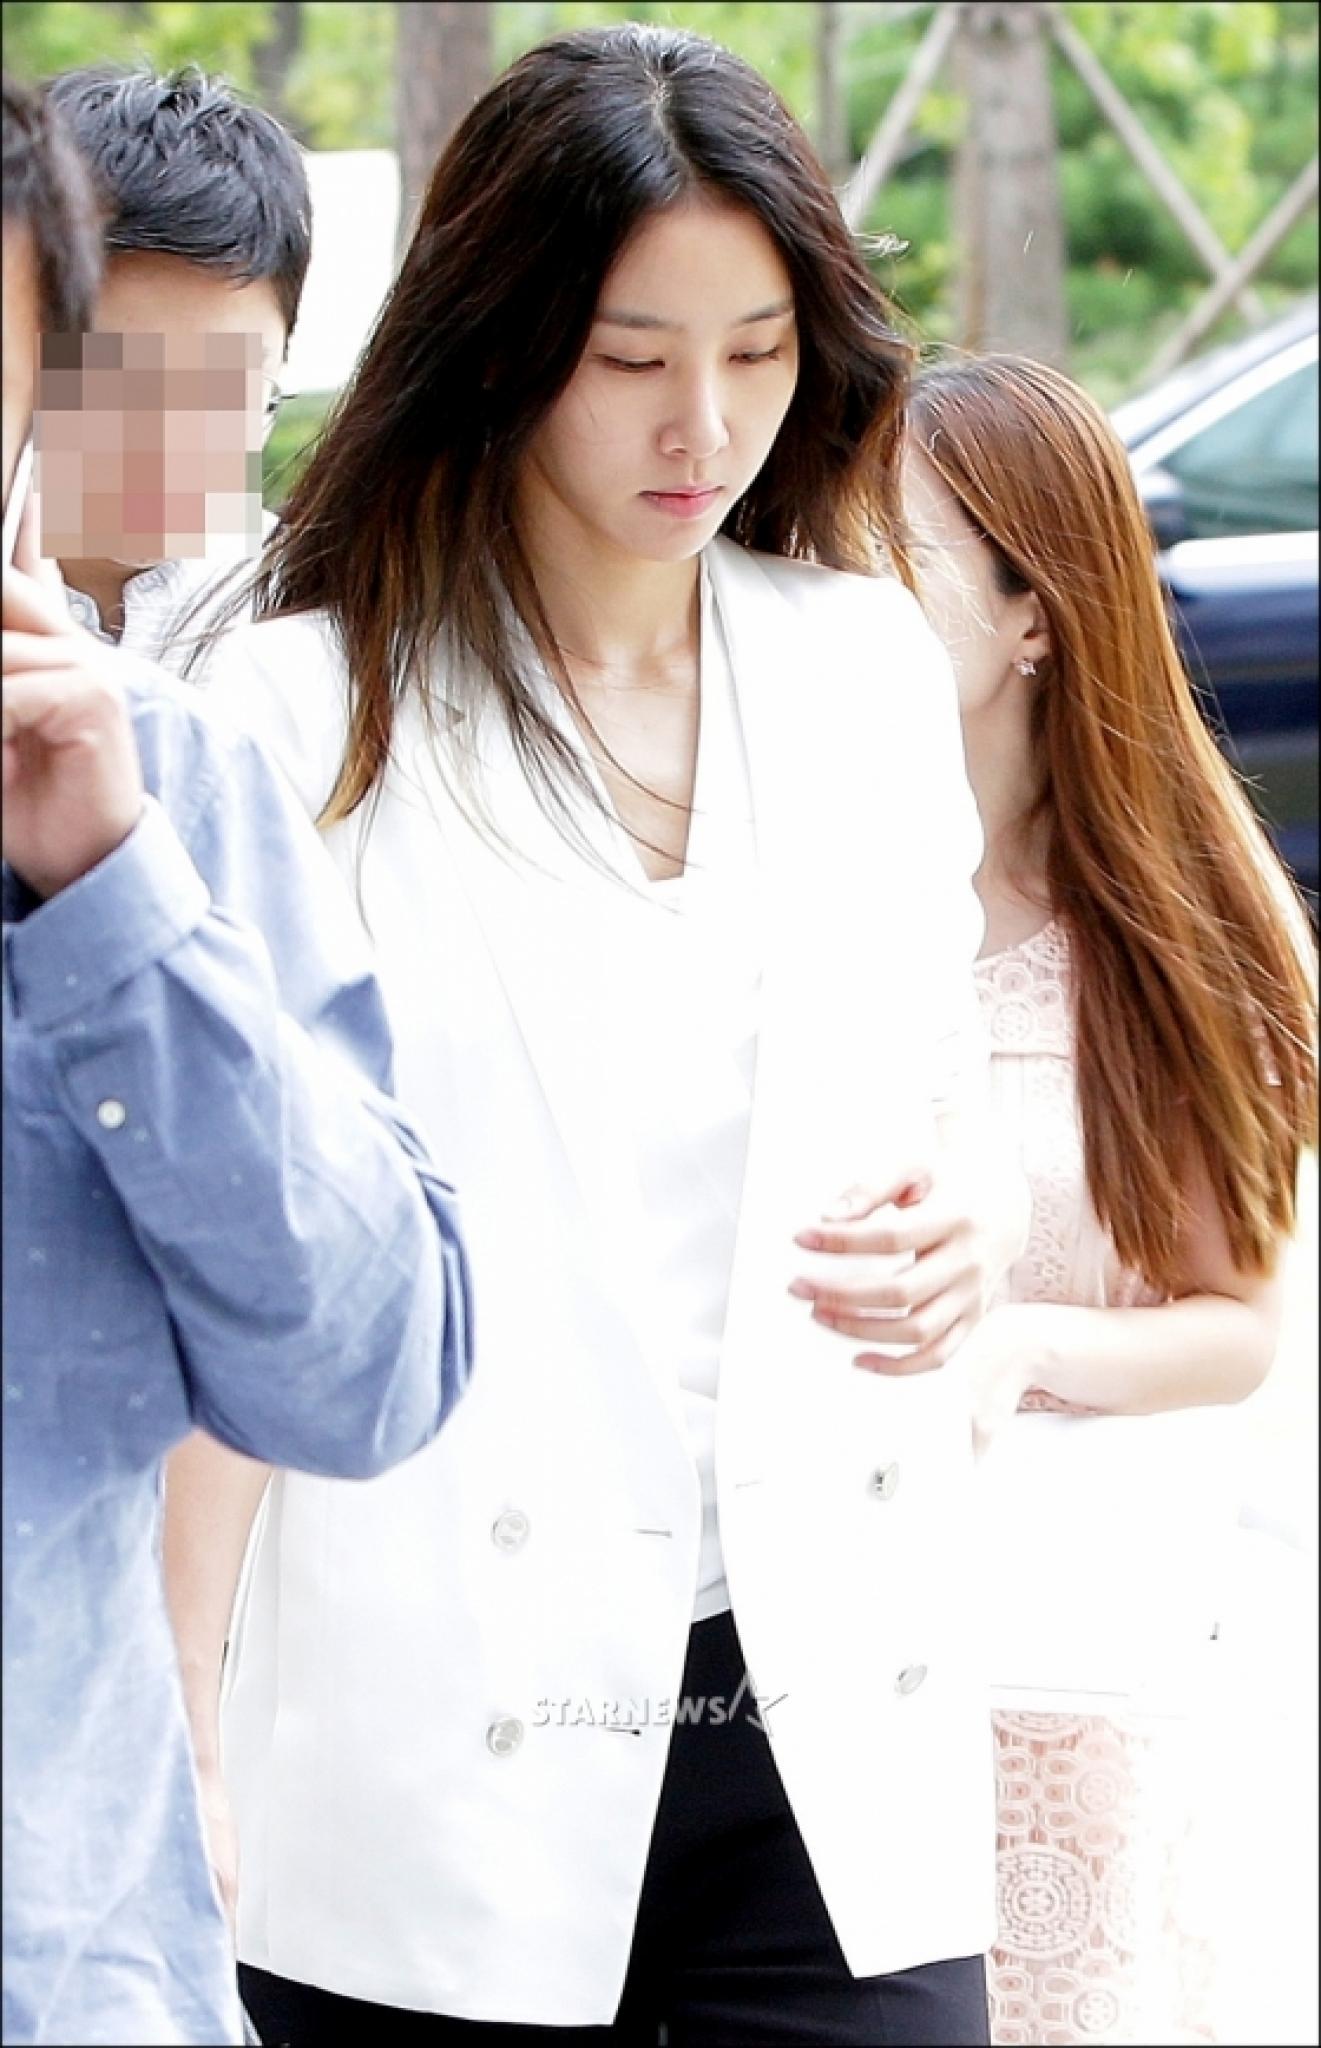 """김정민, '전 남친과 재판' 출석 후 눈물… """"힘든 시간, 너무 죄송하다"""""""